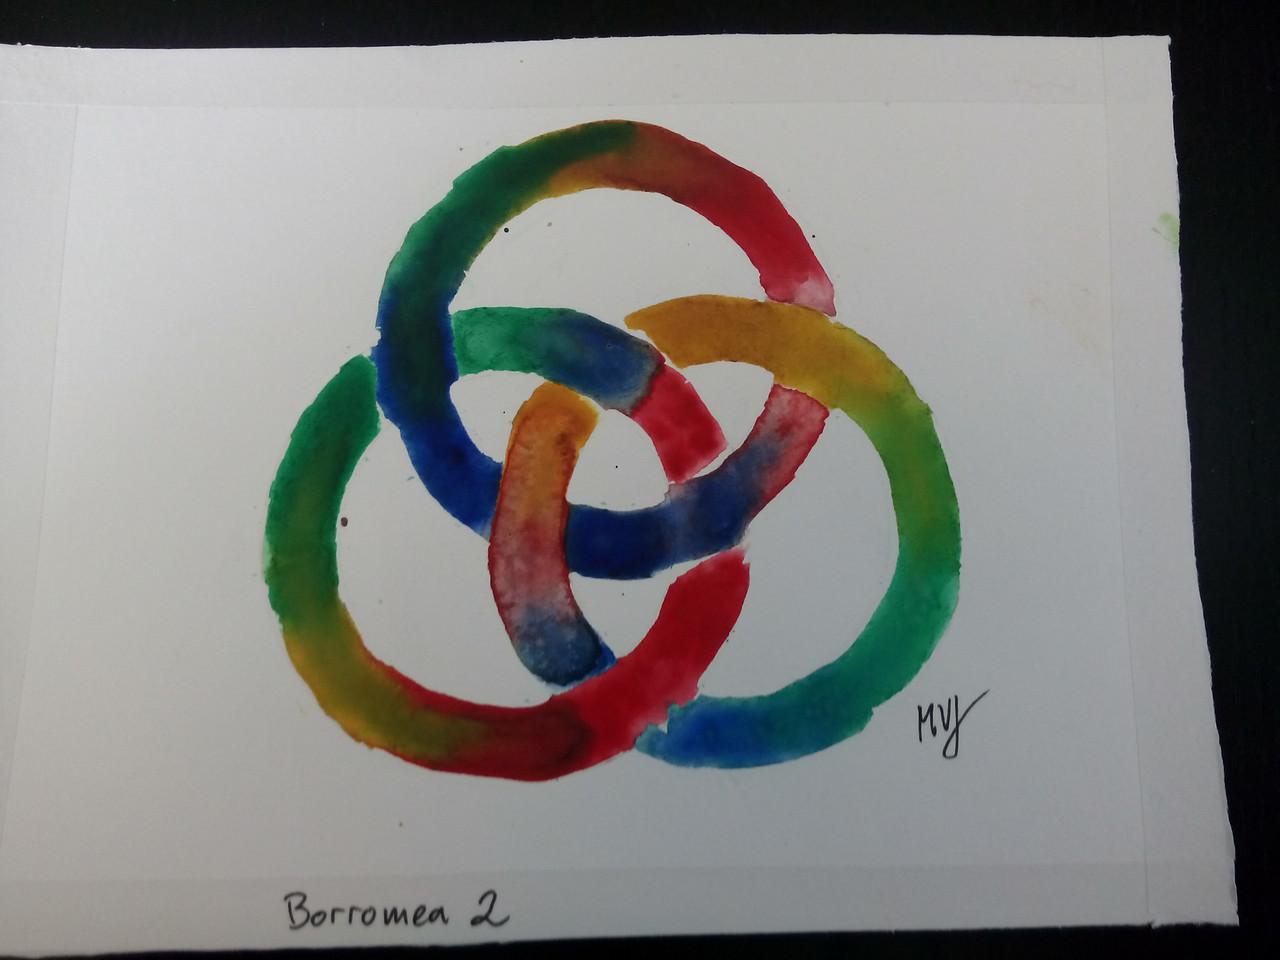 Borromea 2